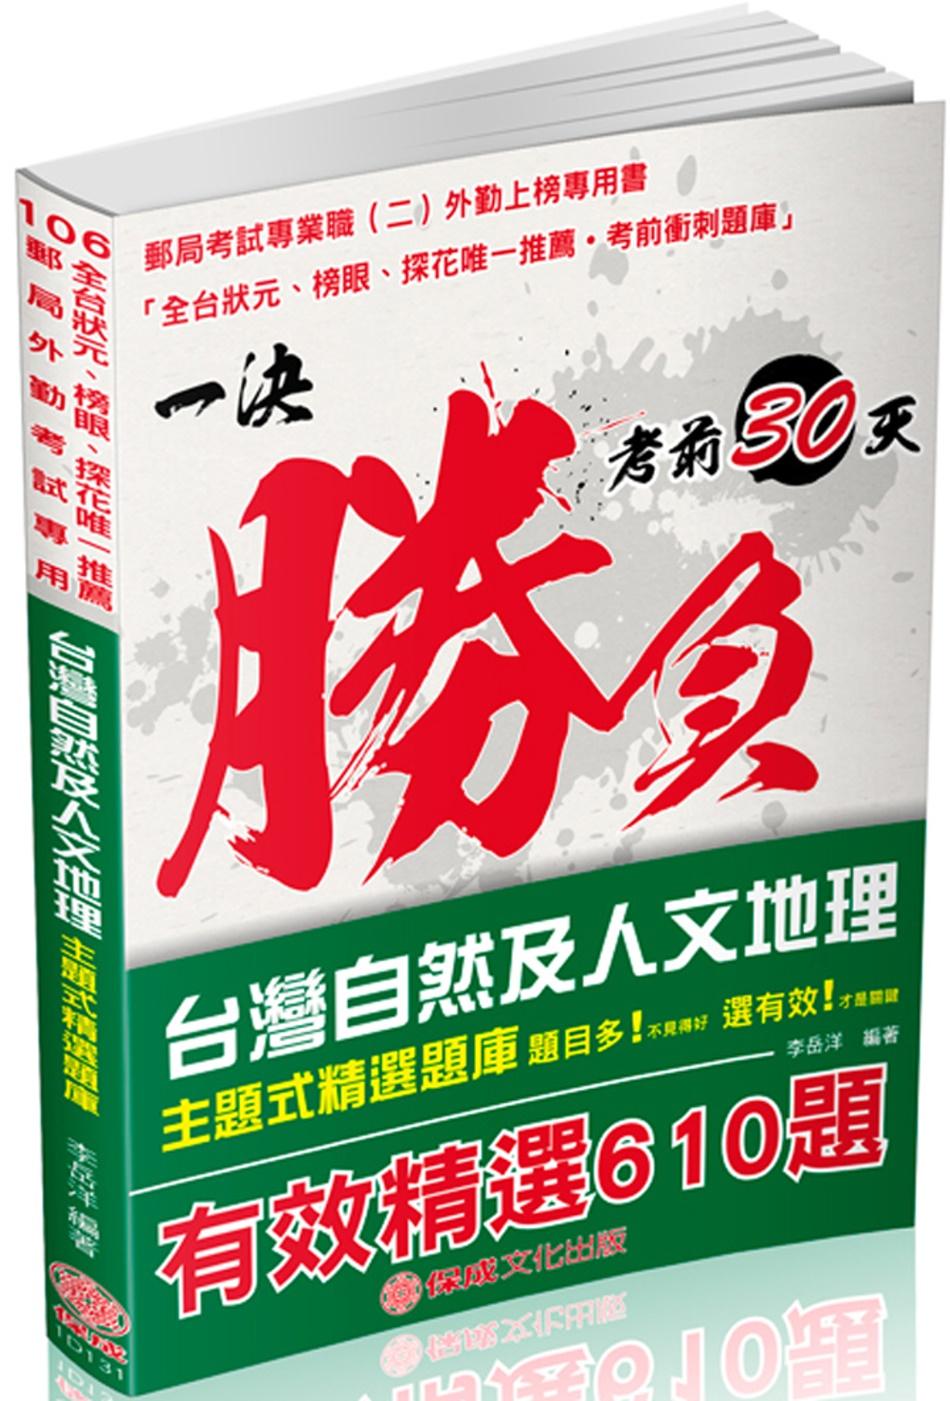 ◤博客來BOOKS◢ 暢銷書榜《推薦》台灣自然及人文地理題庫-主題式精選題庫-郵局外勤<保成>